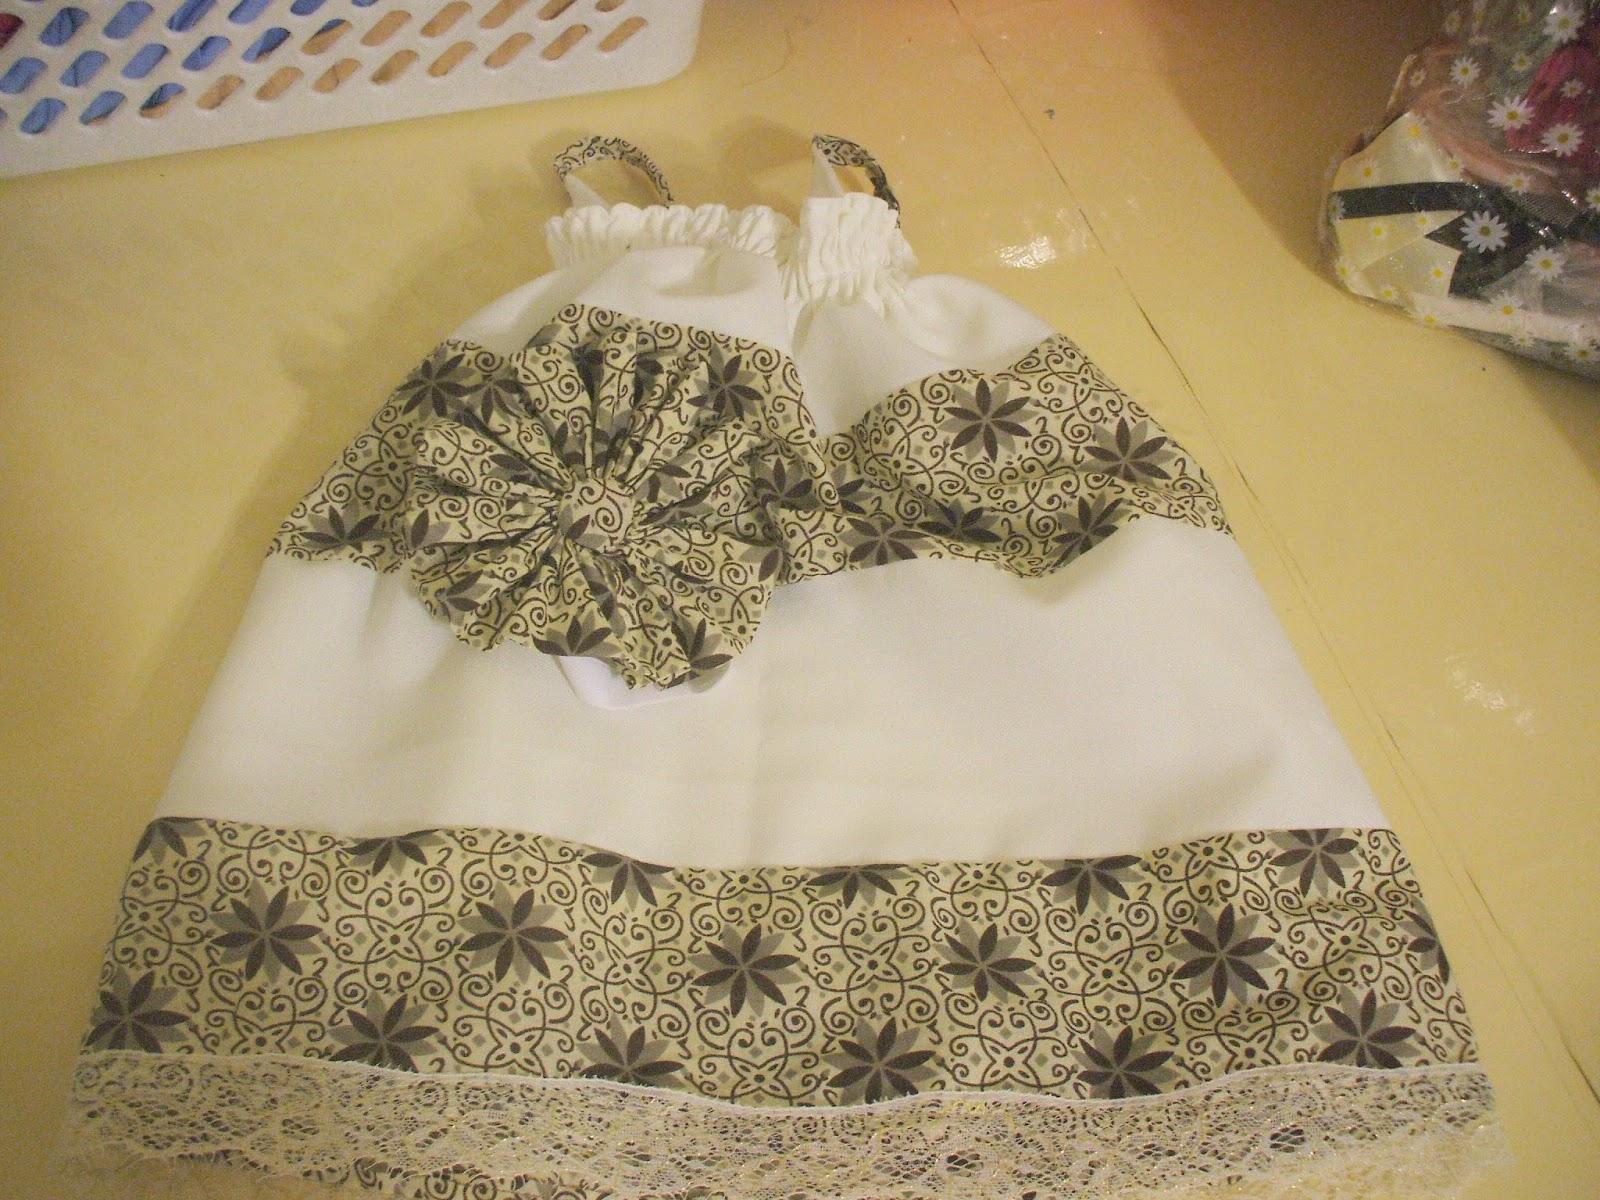 DSCF3237 - שמלה בשעה